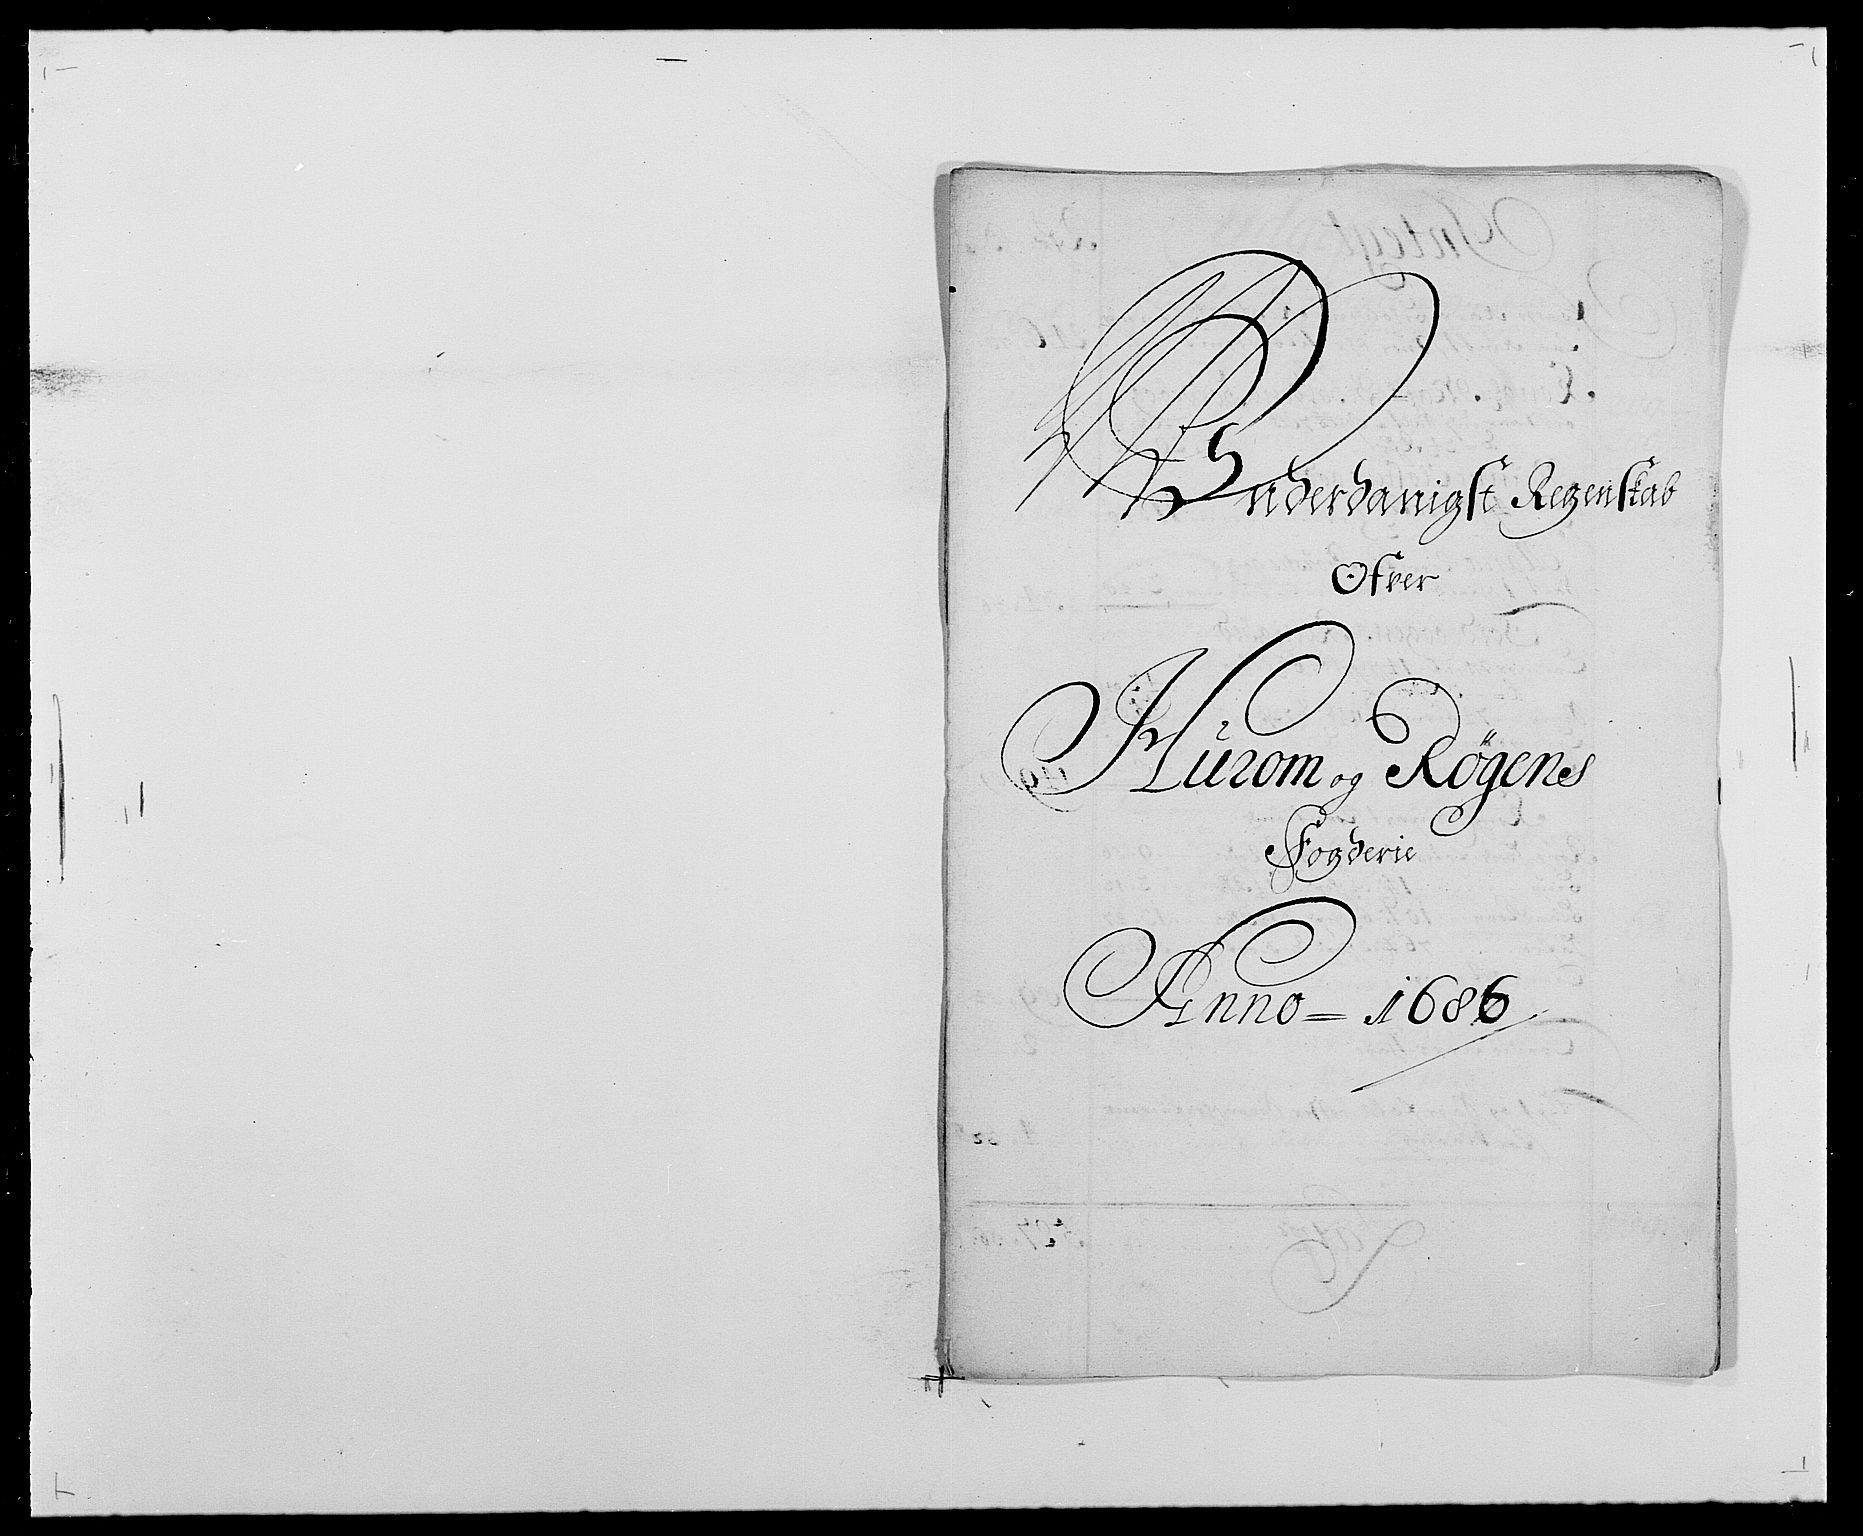 RA, Rentekammeret inntil 1814, Reviderte regnskaper, Fogderegnskap, R29/L1692: Fogderegnskap Hurum og Røyken, 1682-1687, s. 266